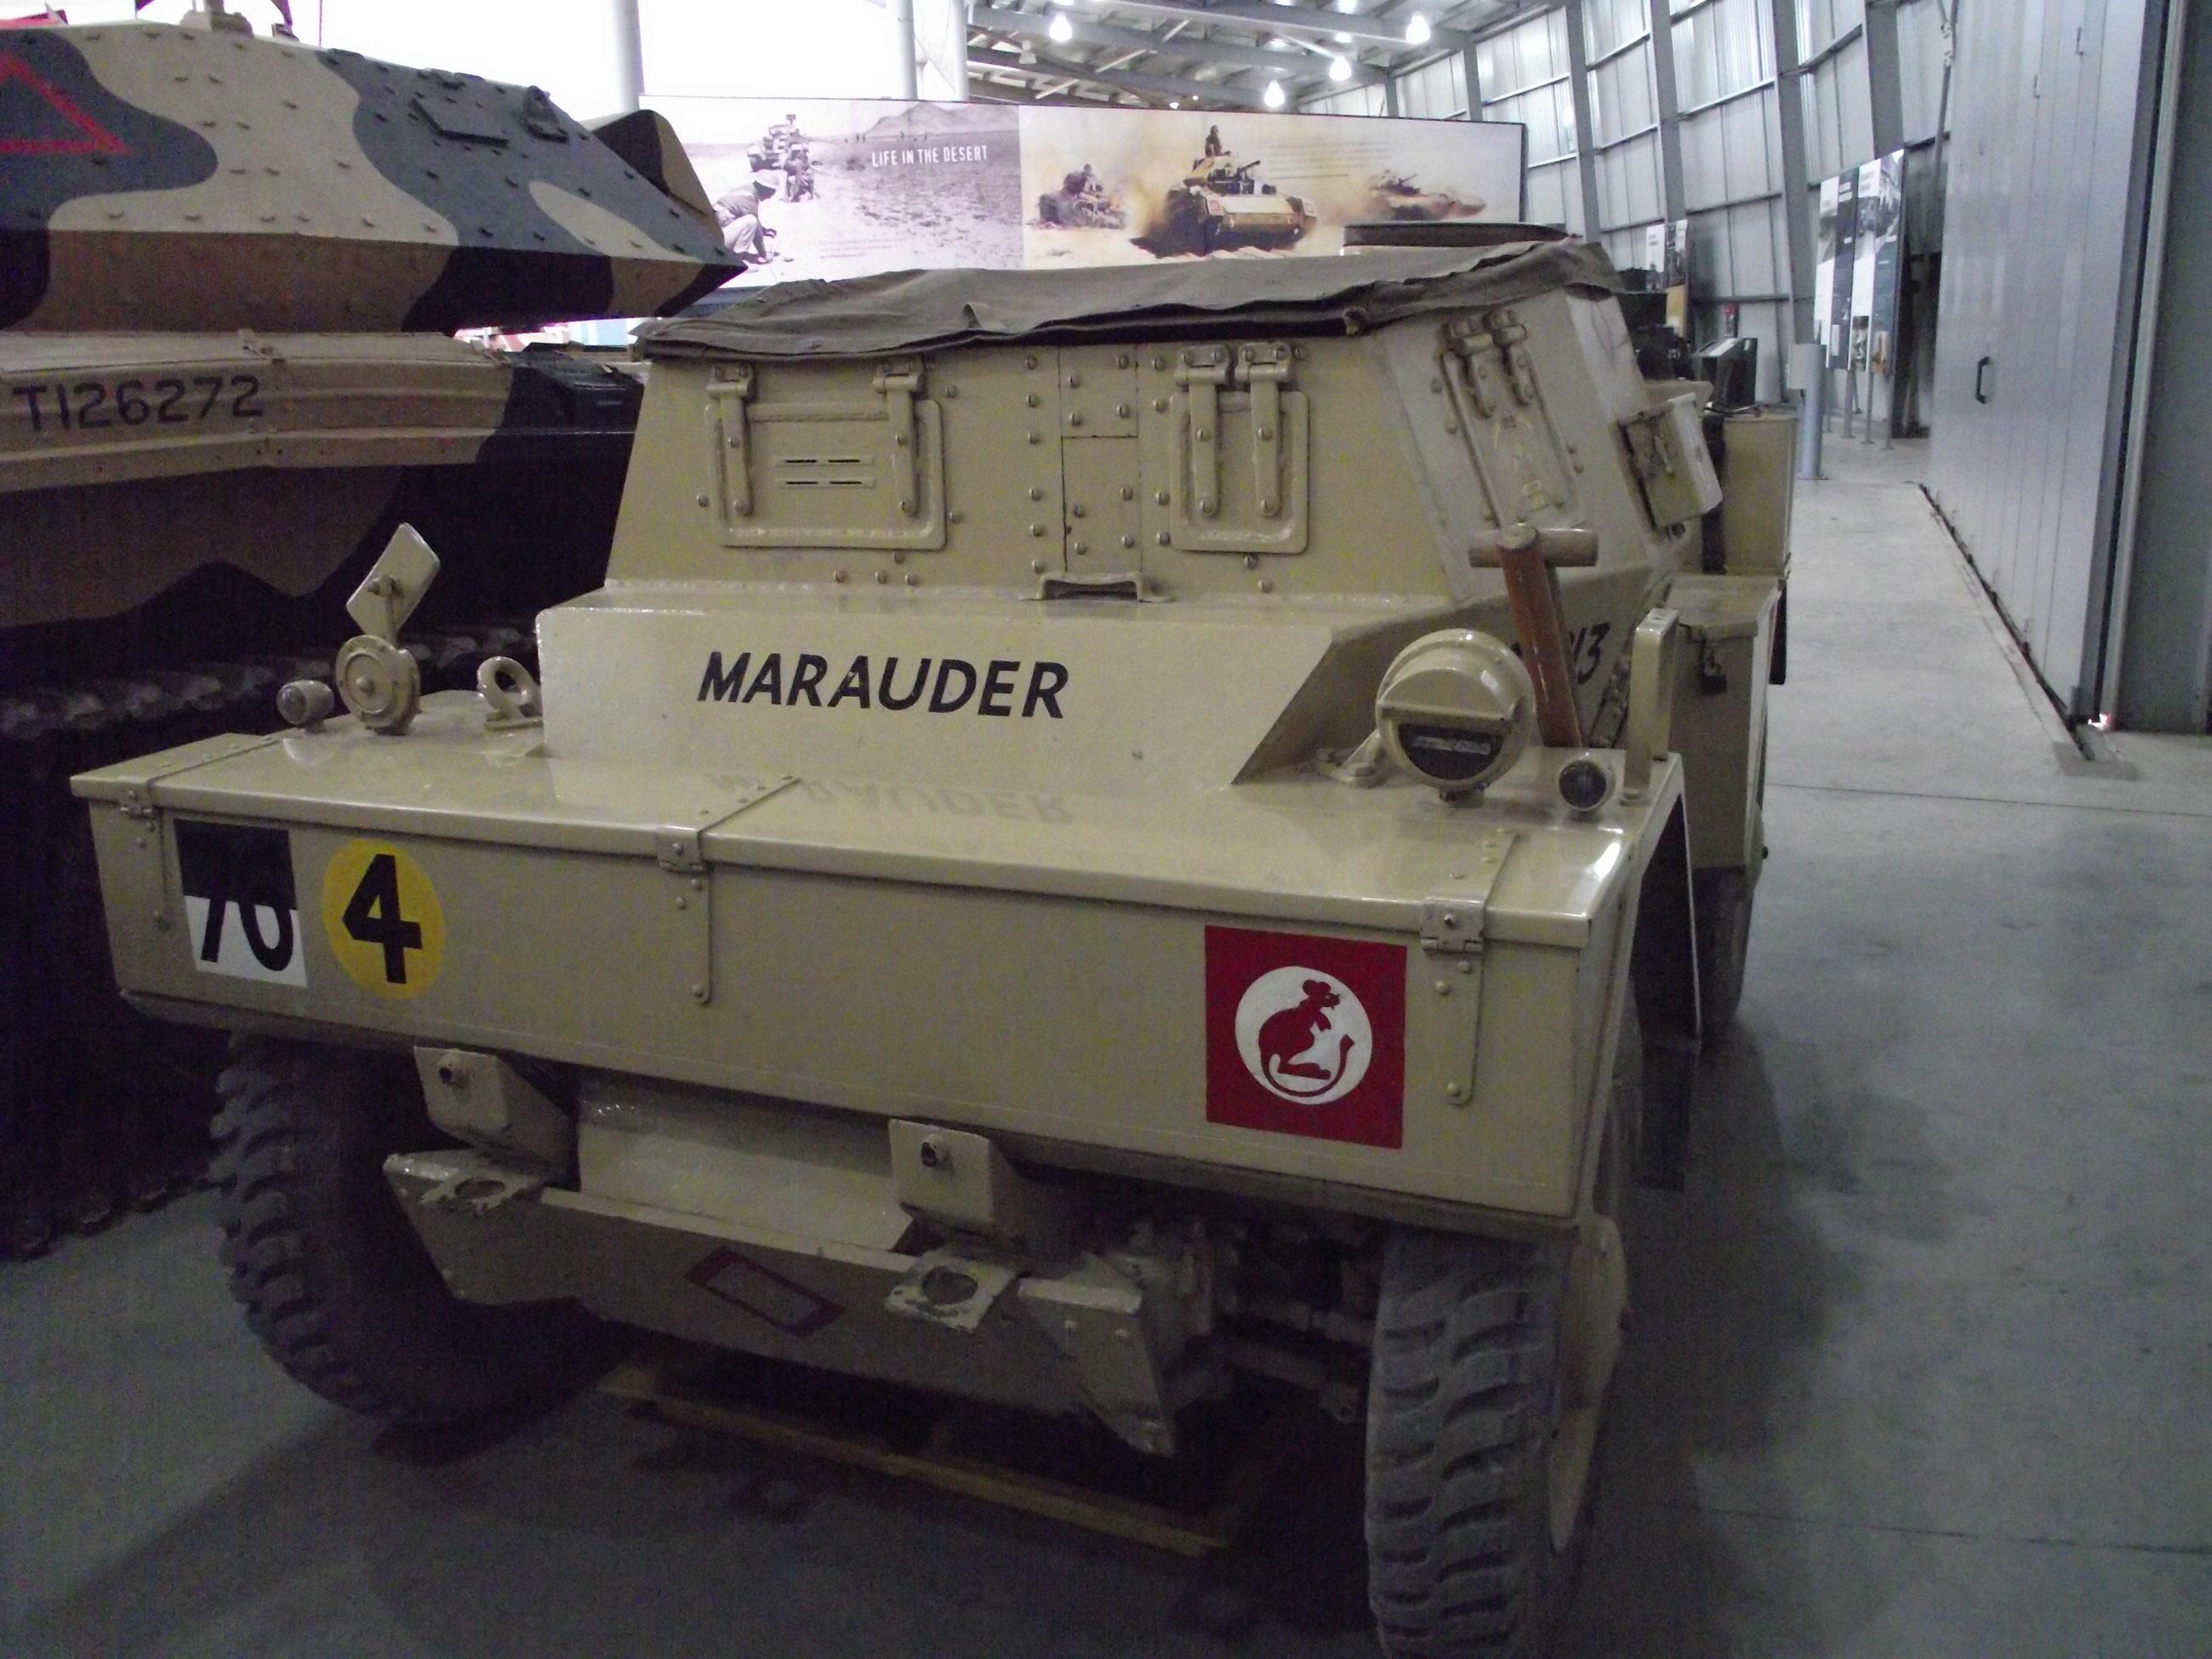 Tank_Museum_20180919_711.jpg